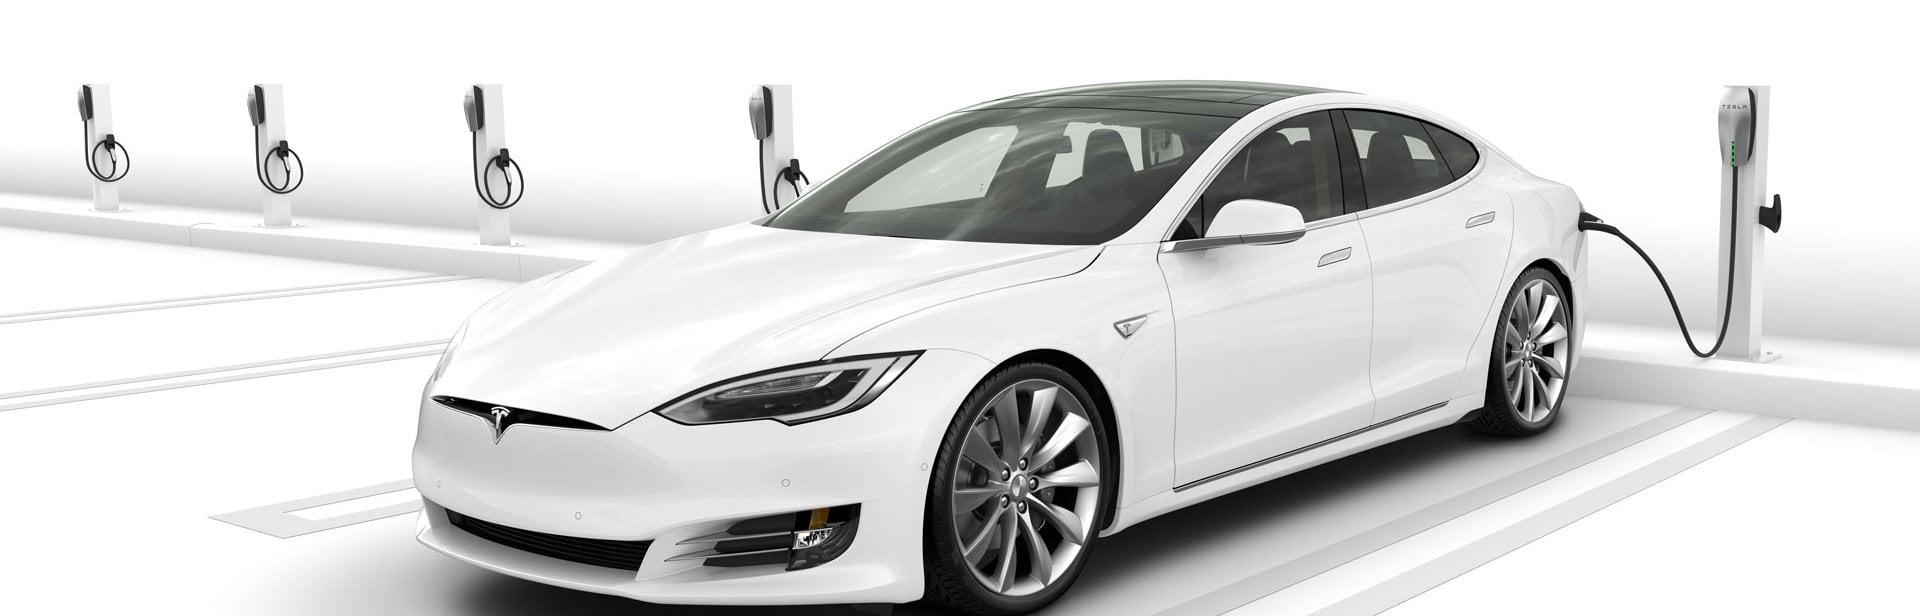 Tesla Destinatin Charging